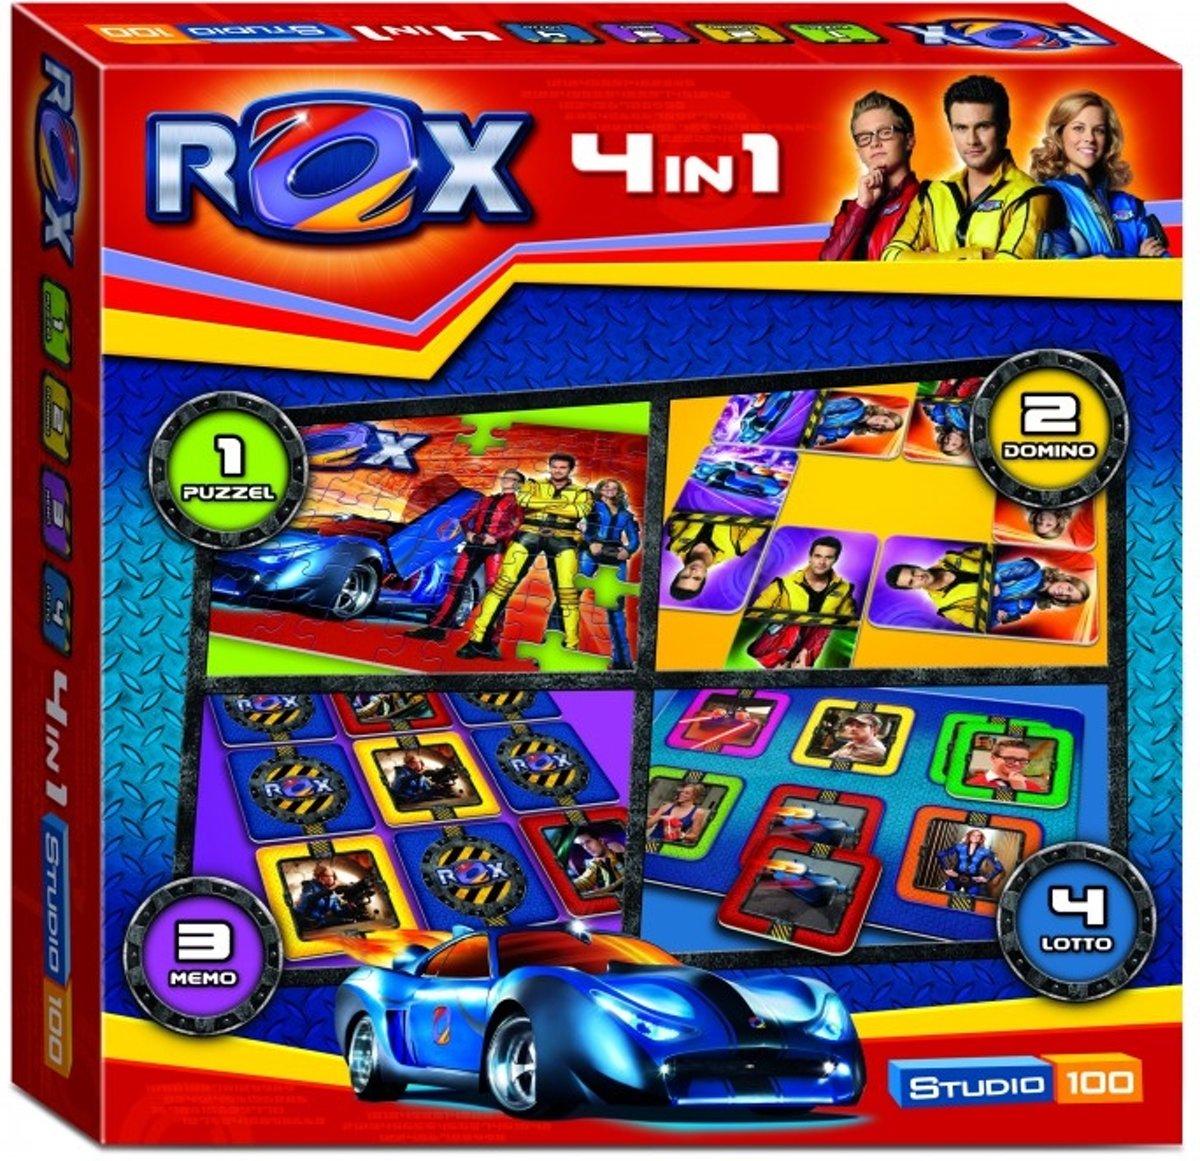 Rox 4 in 1 Speldoos - Kinderspel